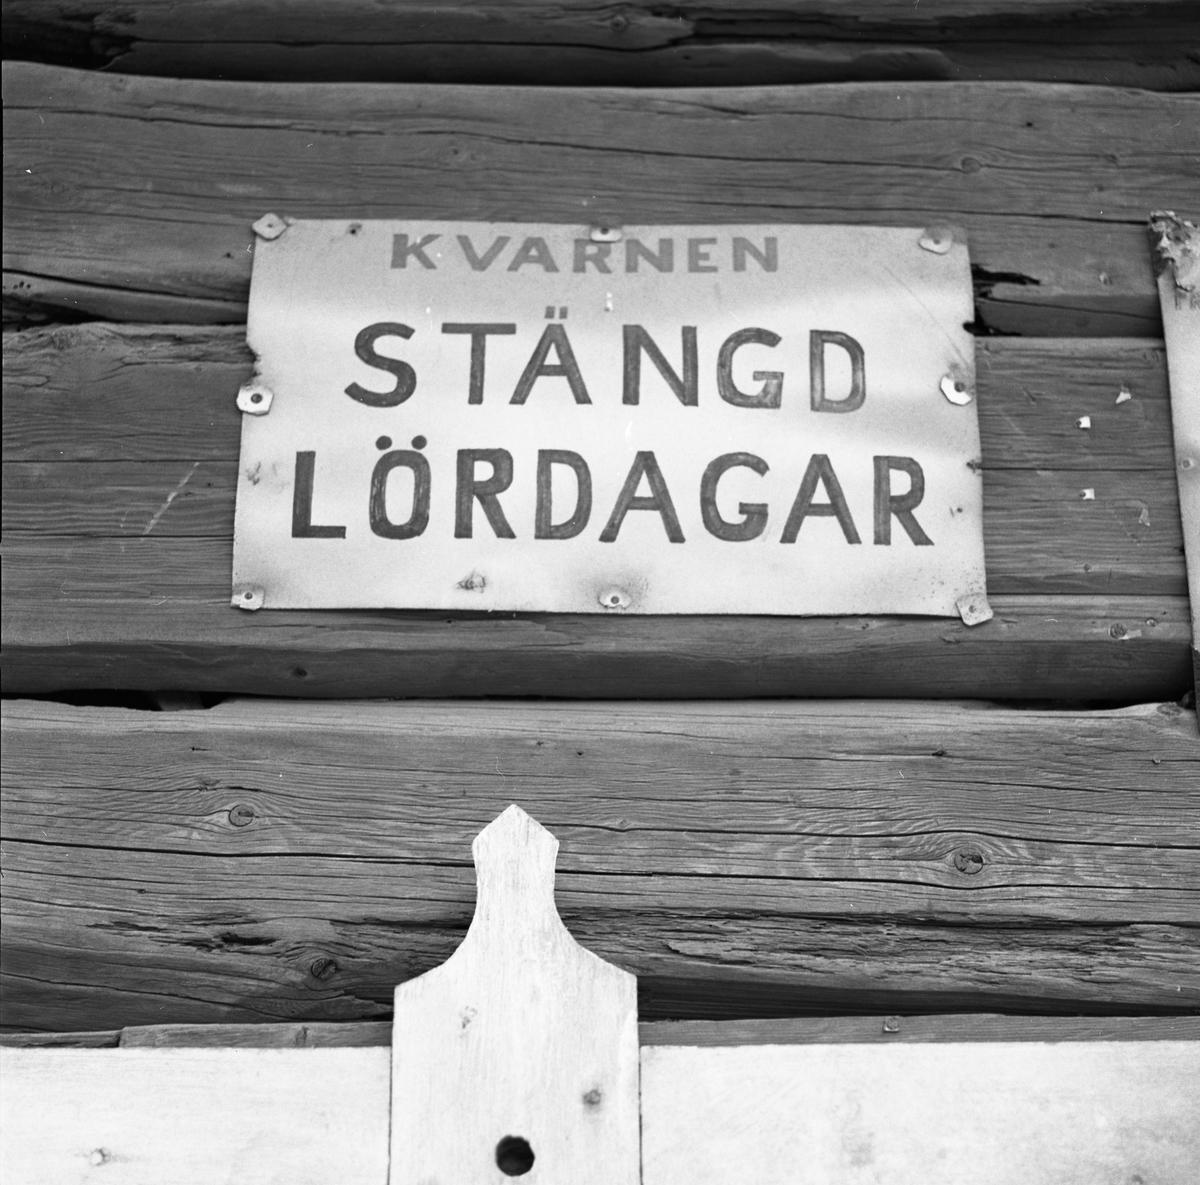 """Arboga Kvarn och Maltfabrik, exteriör. En skylt sitter på träväggen. Texten lyder """"Kvarnen stängd lördagar"""". Men den är inte bara stängd på lördagar, verksamheten är nedlagd. Det som kom att bli Arboga Kvarn och Maltfabrik anlades 1821 av Jonas Örström. Kvarnrörelsen startade 1915. Vetemjöl av märket Guldsnö producerades här.  Kvarnrörelsen upphörde 1967 medan maltproduktionen fortsatte till 1972. Läs om Arboga Kvarn och Maltfabrik: Hembygdsföreningen Arboga Minnes årsböcker från 1979 och 1999 Reinhold Carlssons bok Arboga objektivt sett"""